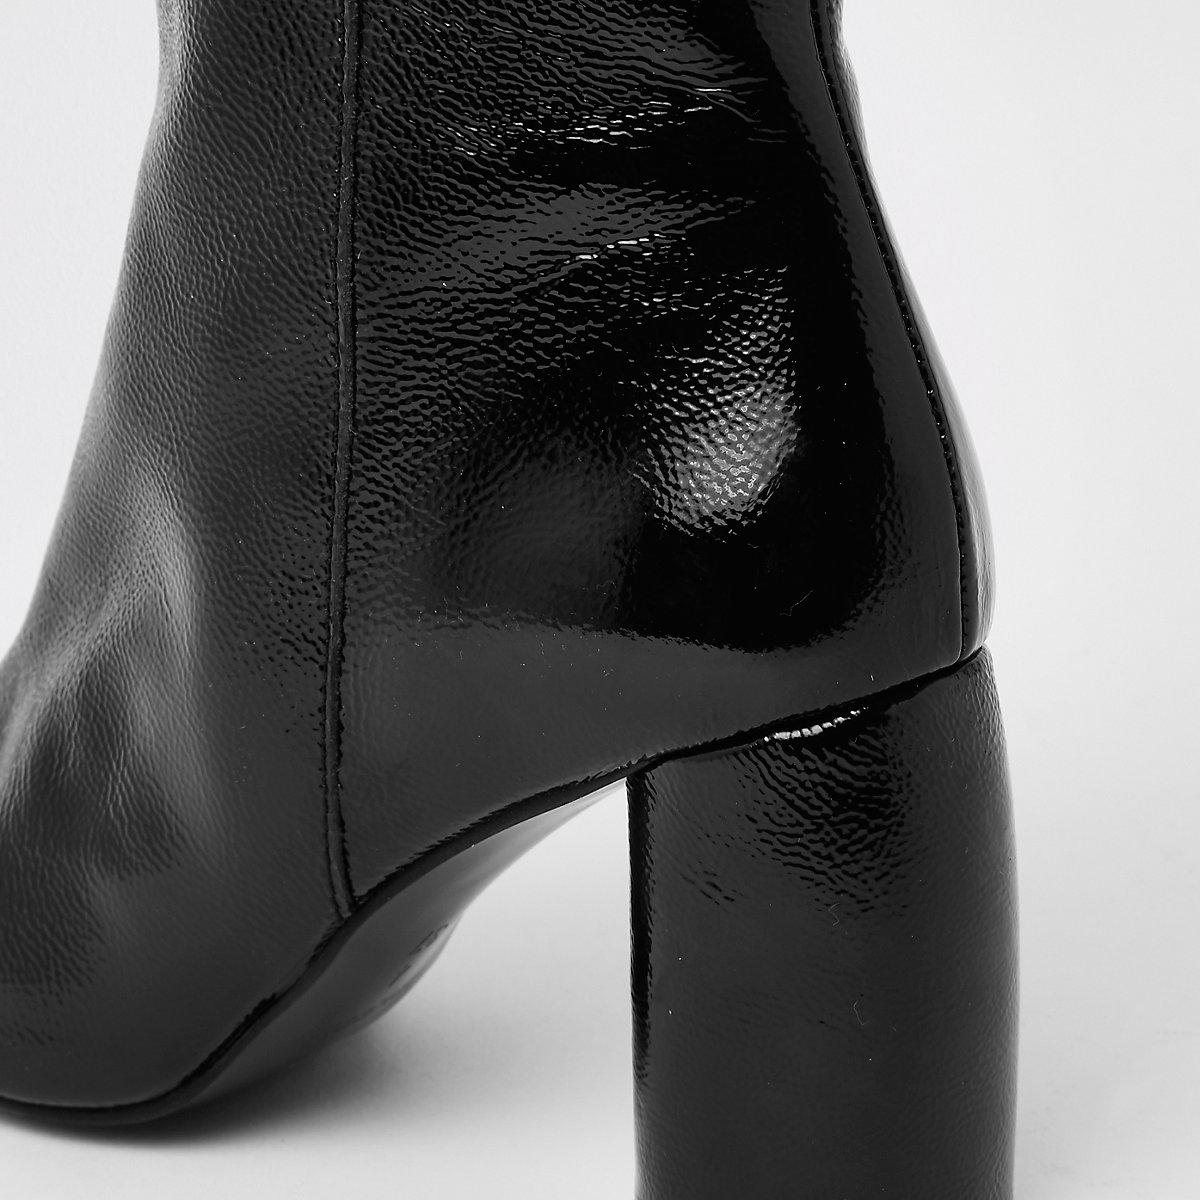 df84beabc6c8 Schwarze Stiefeletten aus glänzendem Leder - Stiefel - Schuhe ...